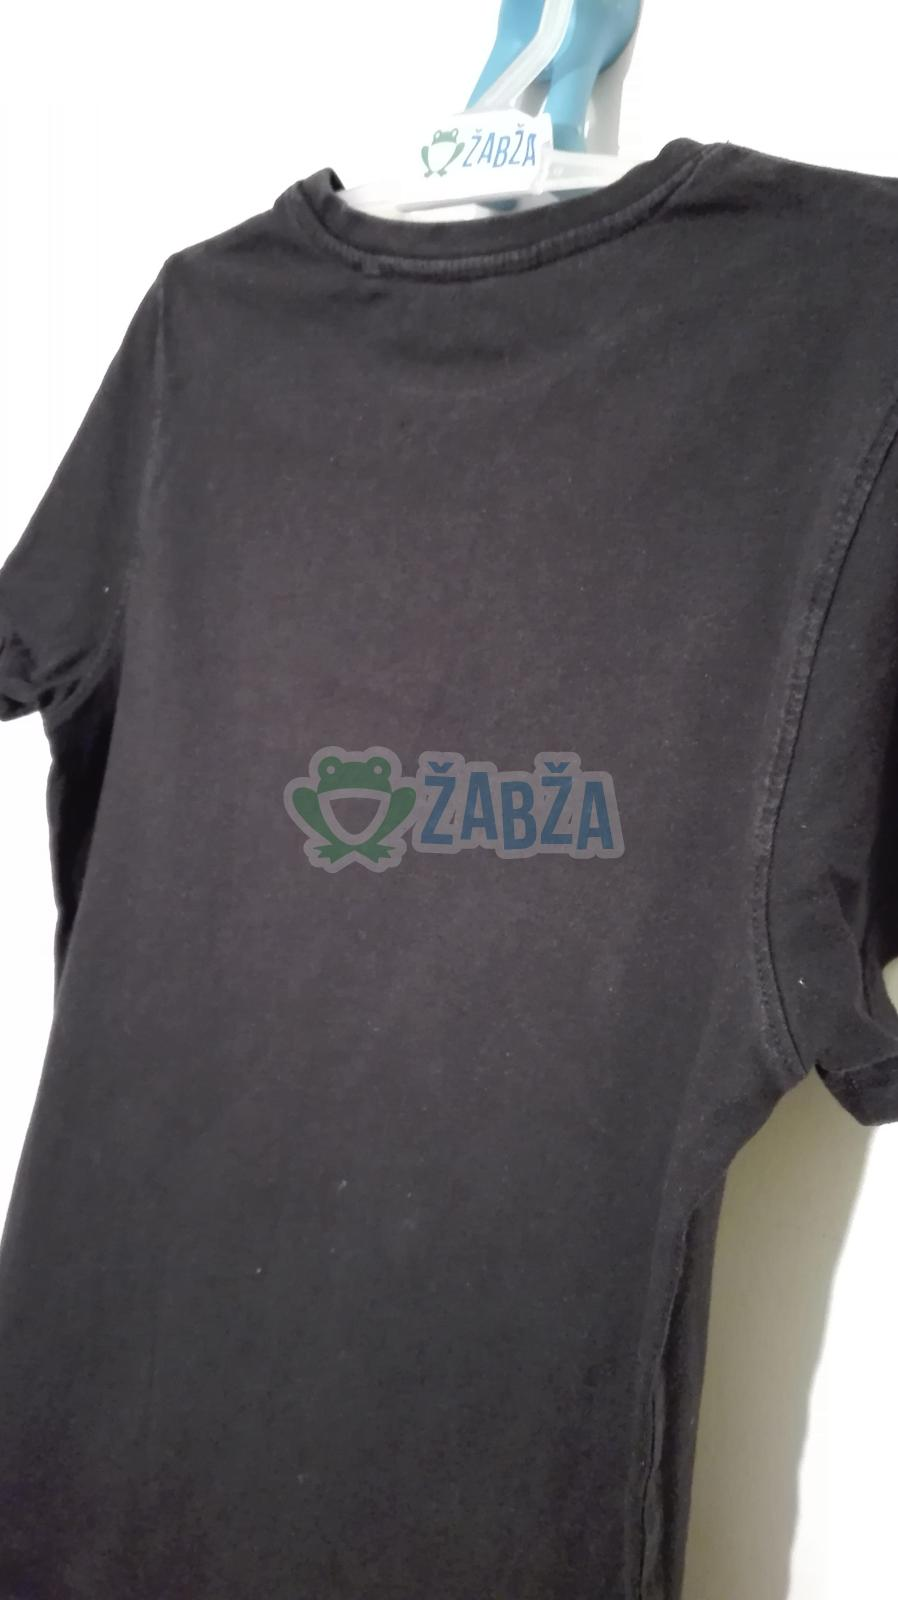 Tričko s krátkým rukávem,bavlněné (13-14r.)